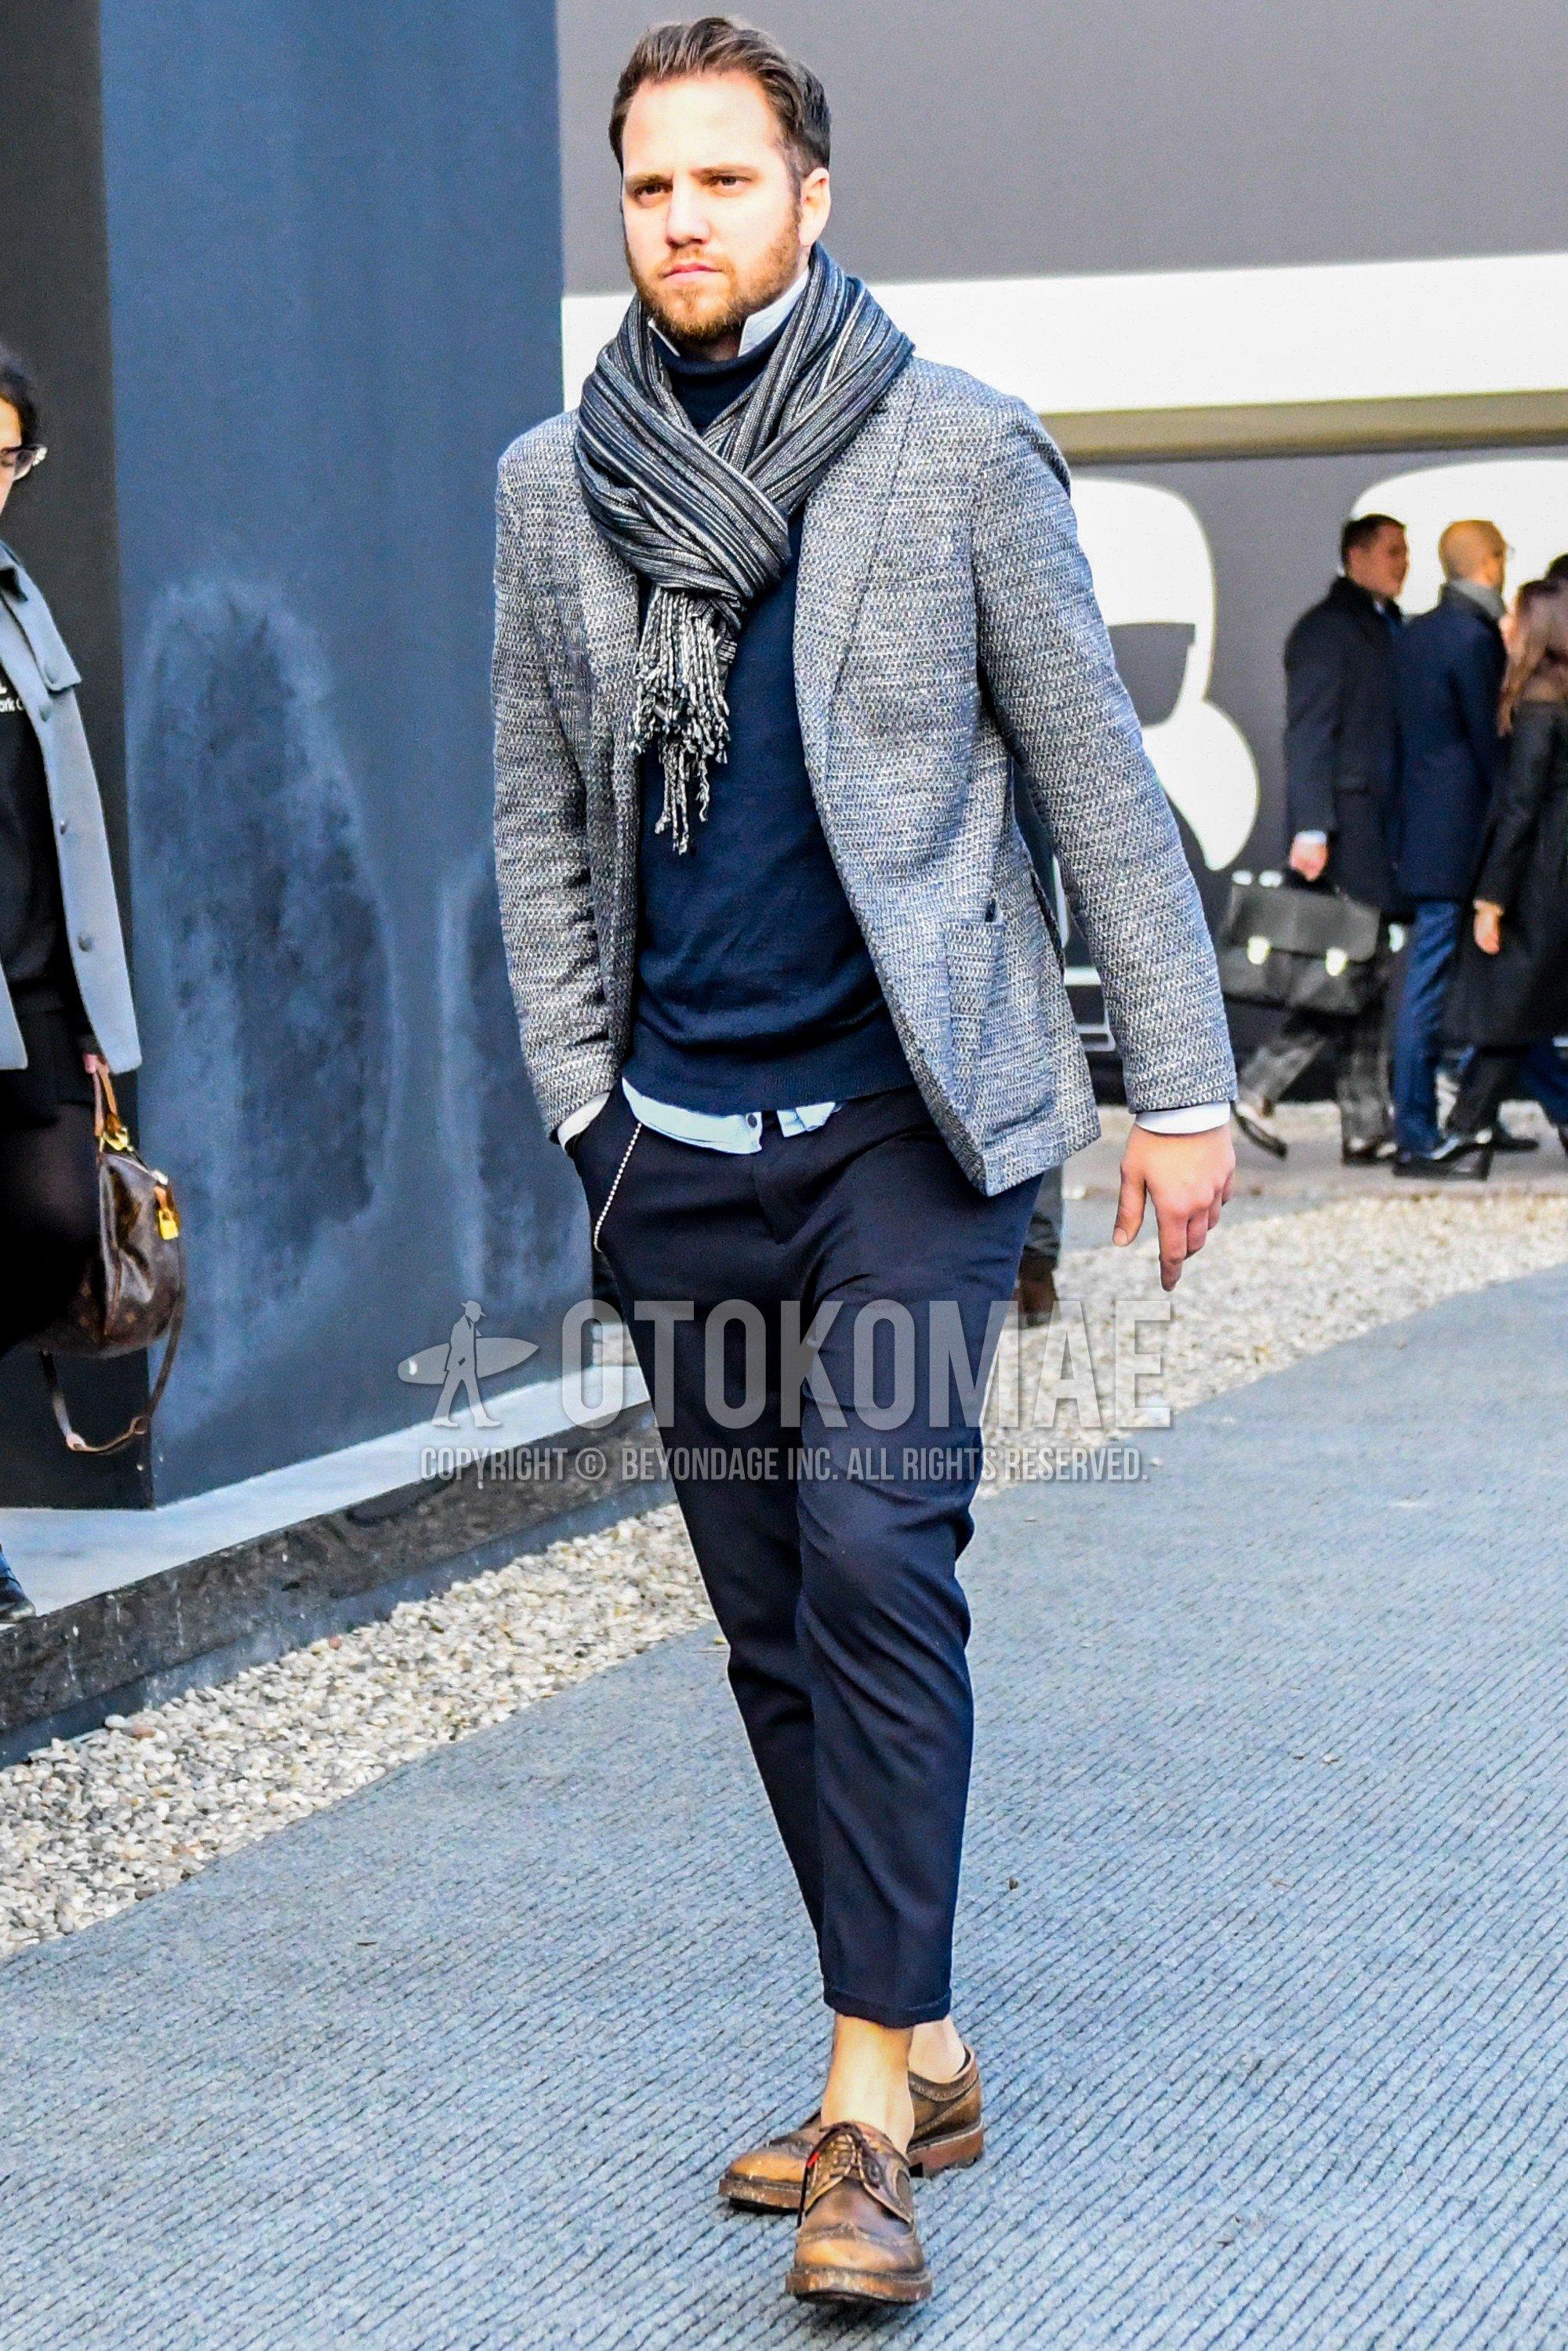 グレーストールのマフラー/ストール、グレー無地のテーラードジャケット、グレー無地のタートルネックニット、白無地のシャツ、グレー無地のスラックス、ブラウンウィングチップの革靴を合わせたメンズコーデ・着こなし。